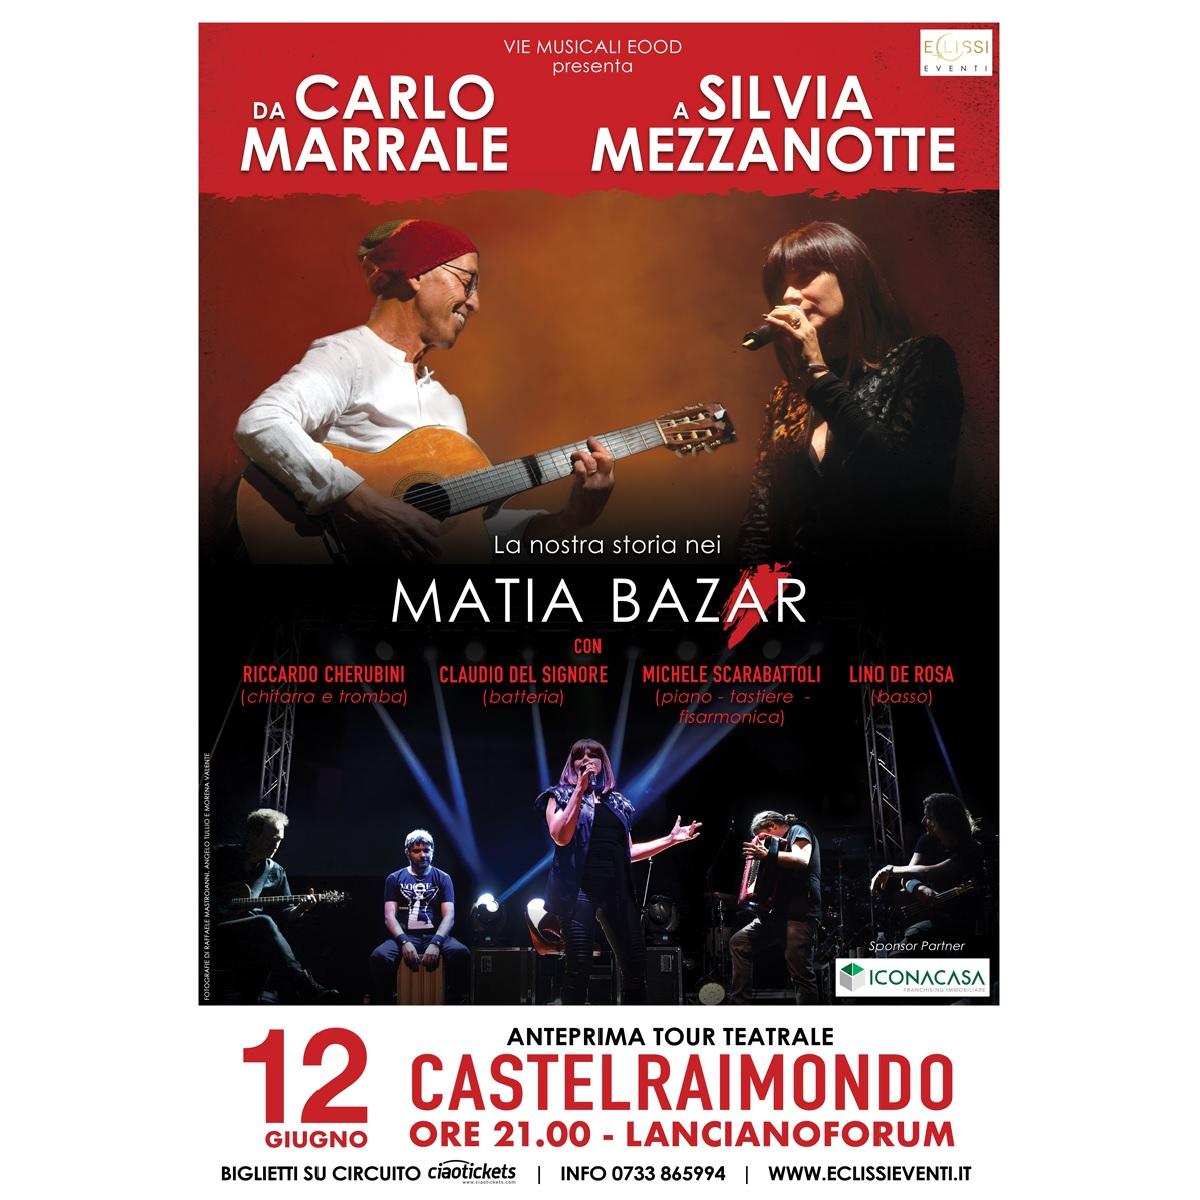 Silvia Mezzanotte e Carlo Marrale insieme per un tour locandina 12-06-2021